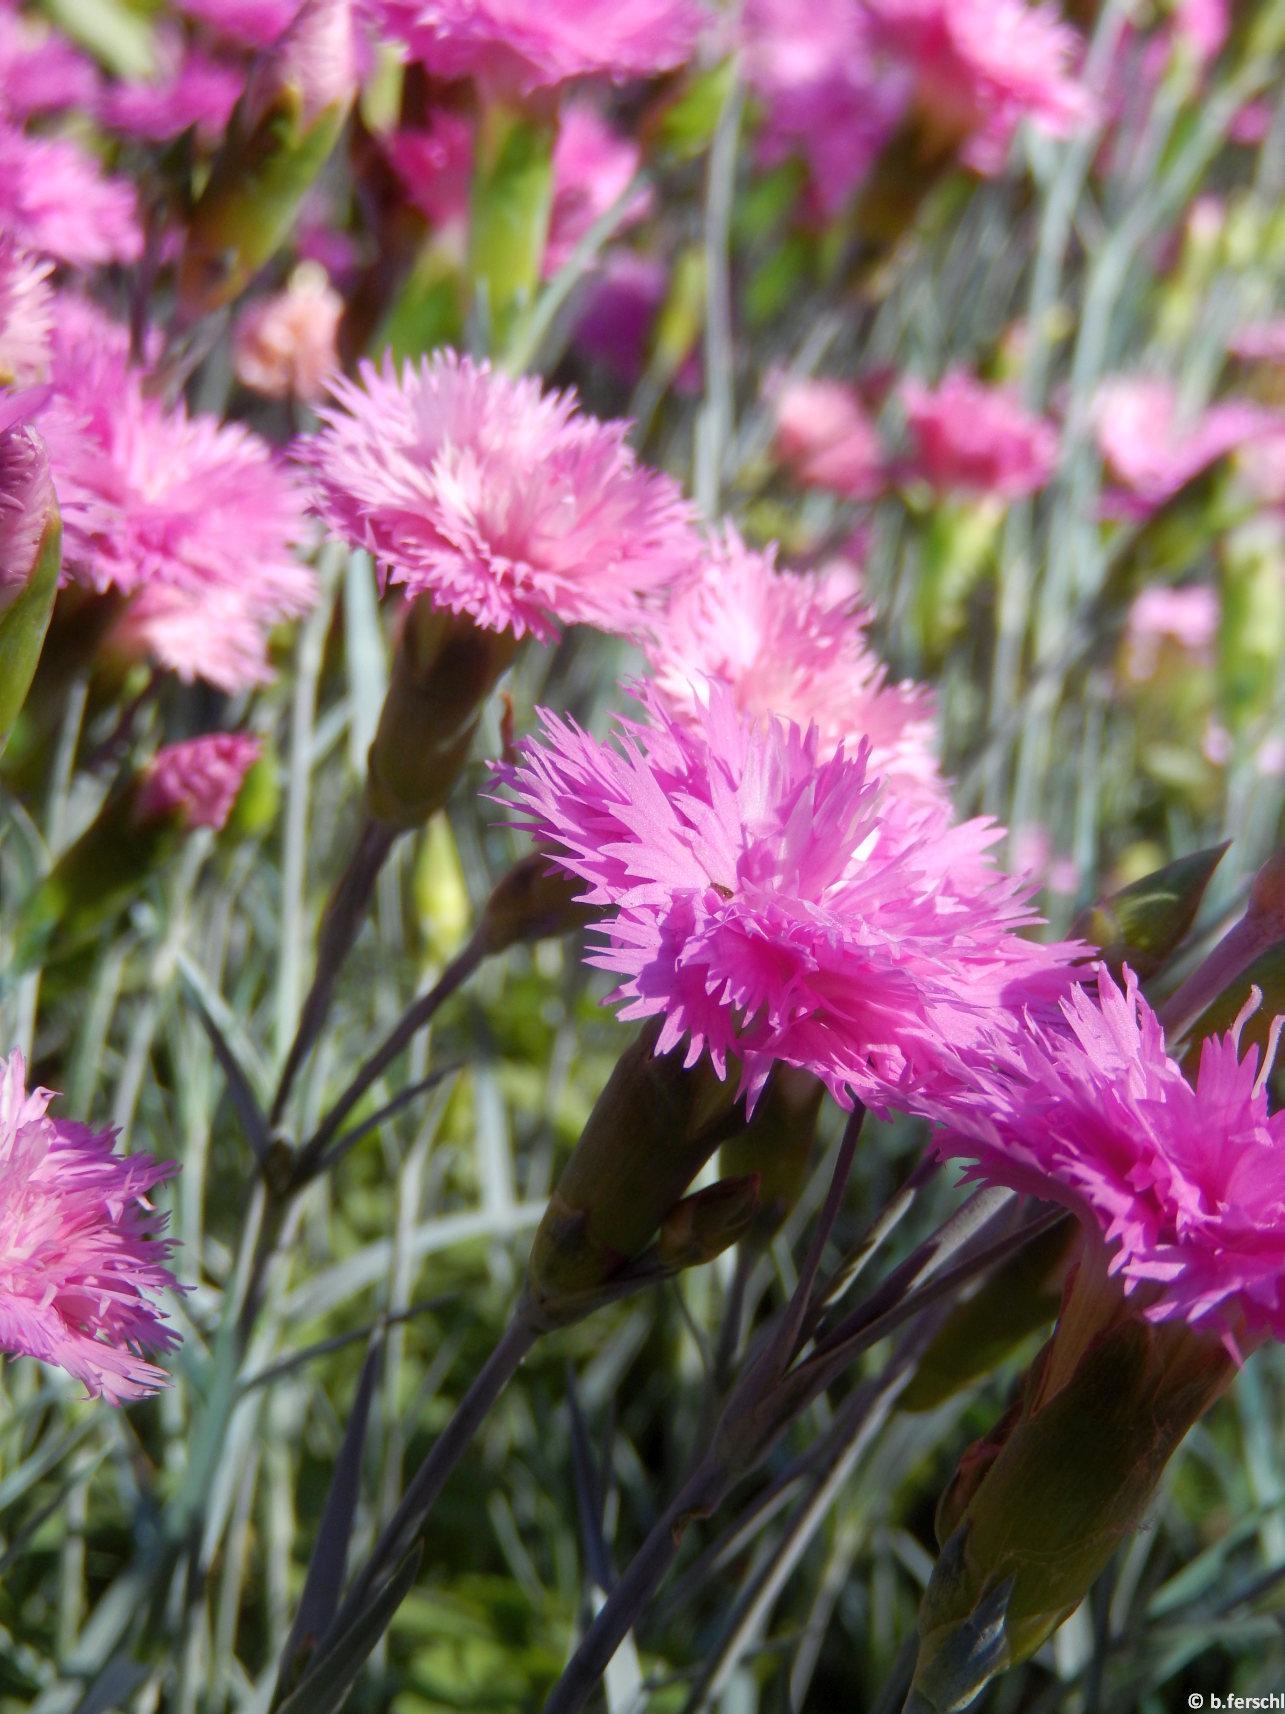 A májusi szegfű (Dianthus gratianopolitanus) illata is elbűvölő élénk rózsaszínje mellett